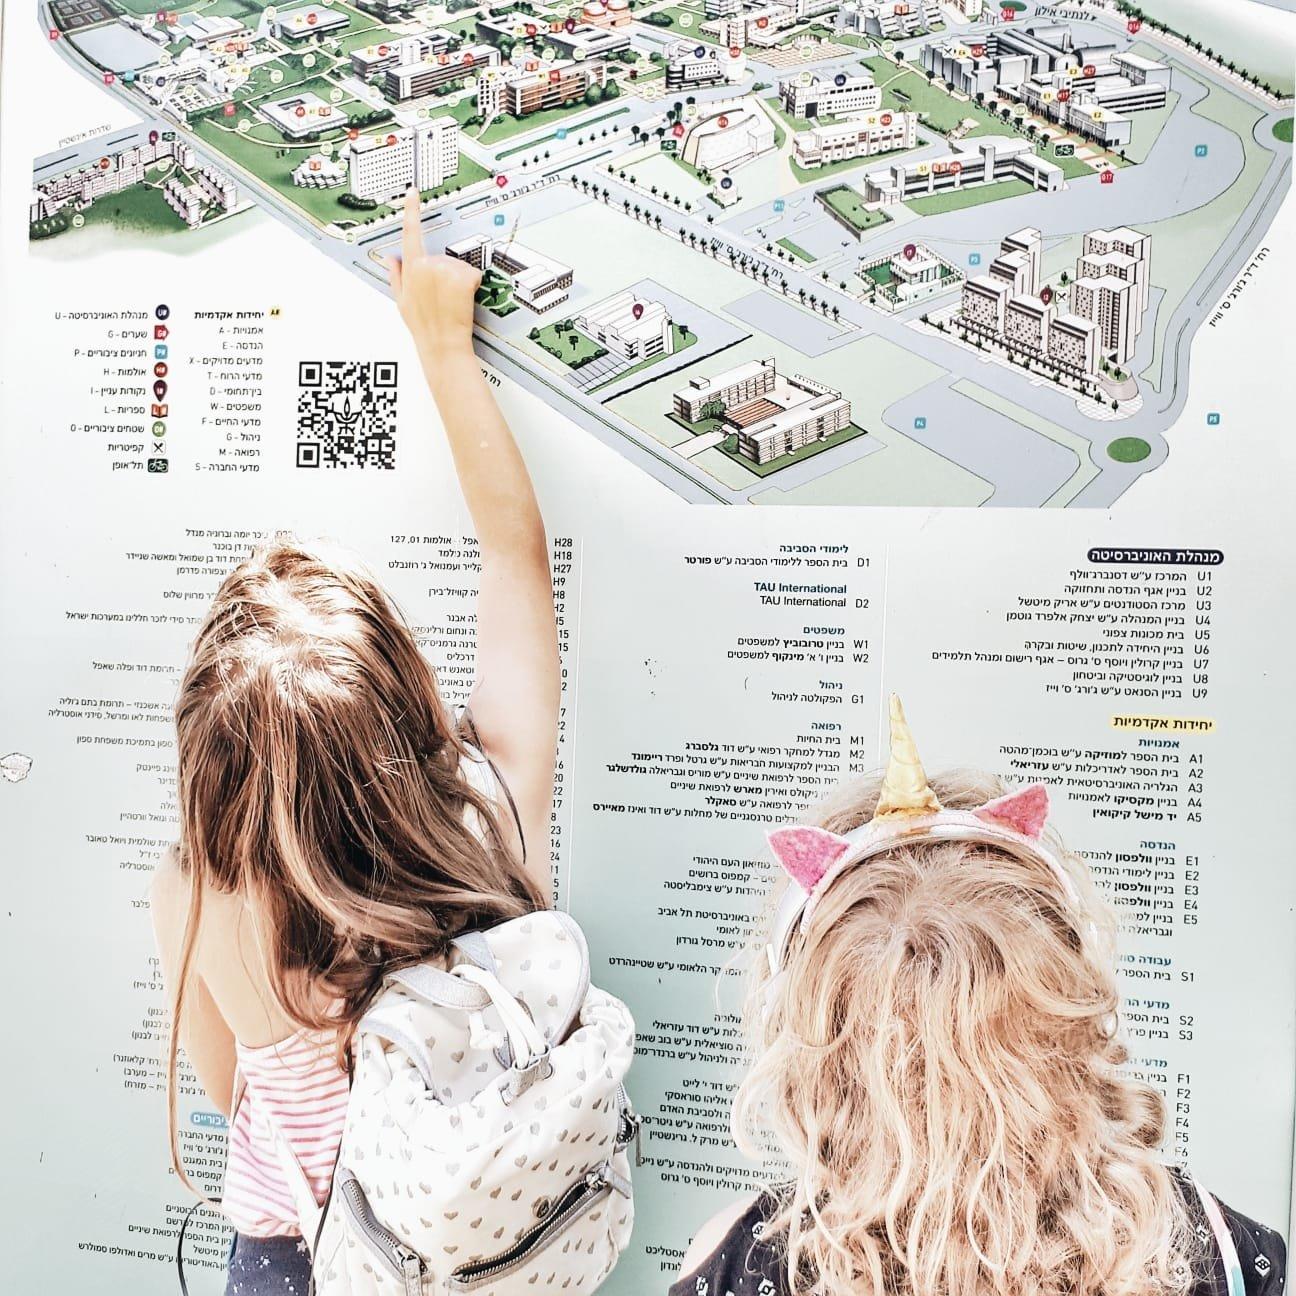 מה לעשות עם הילדים בחופש הגדול - בית התפוצות